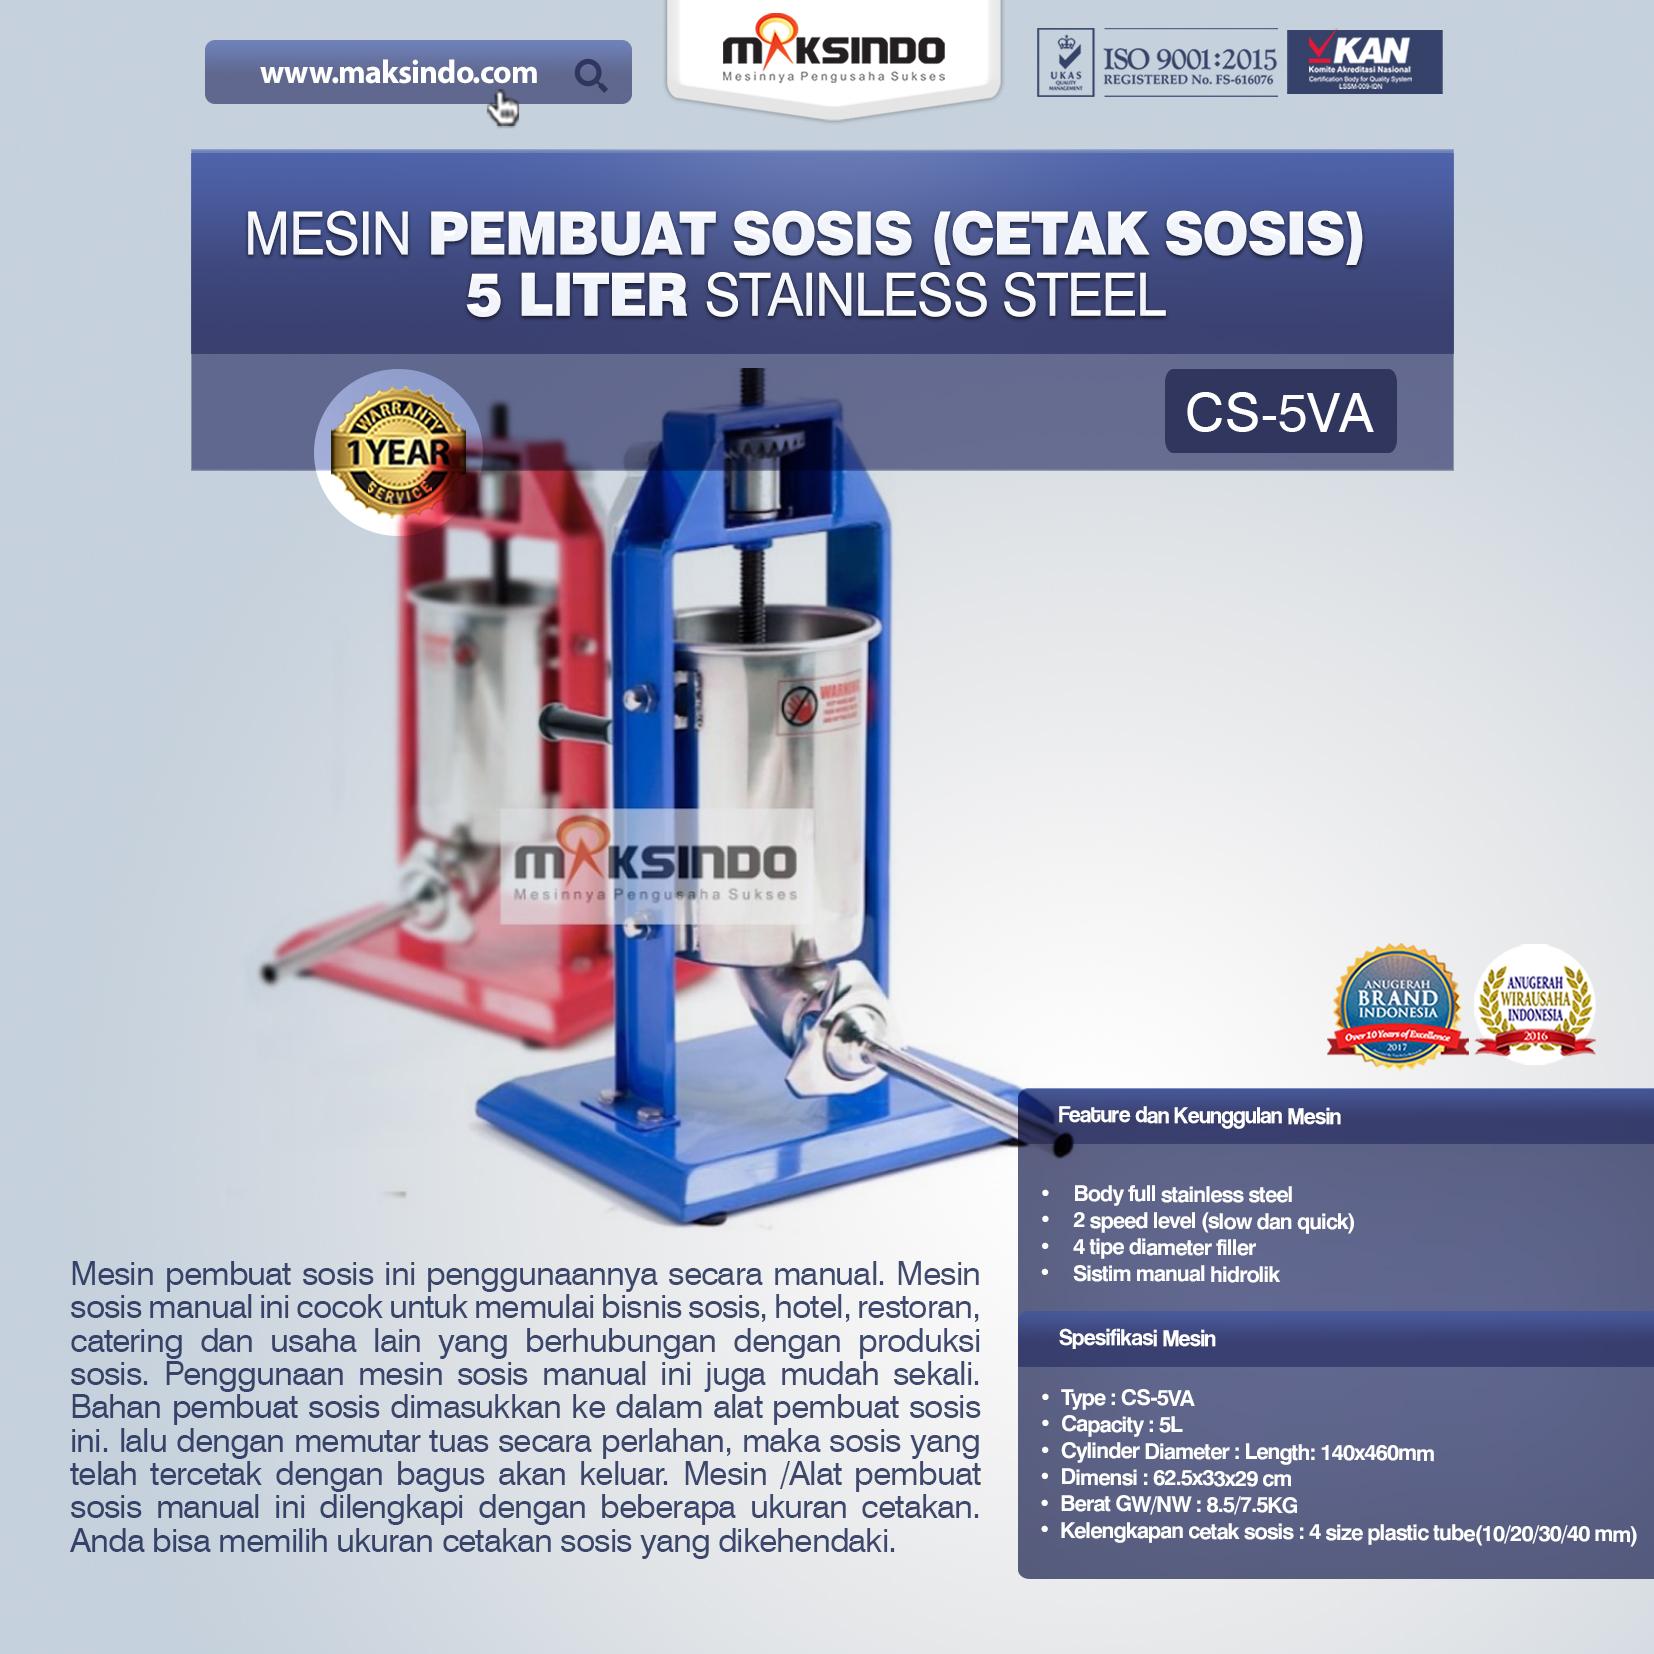 Mesin Pembuat Sosis (Cetak Sosis) Stainless Steel CS-5VA